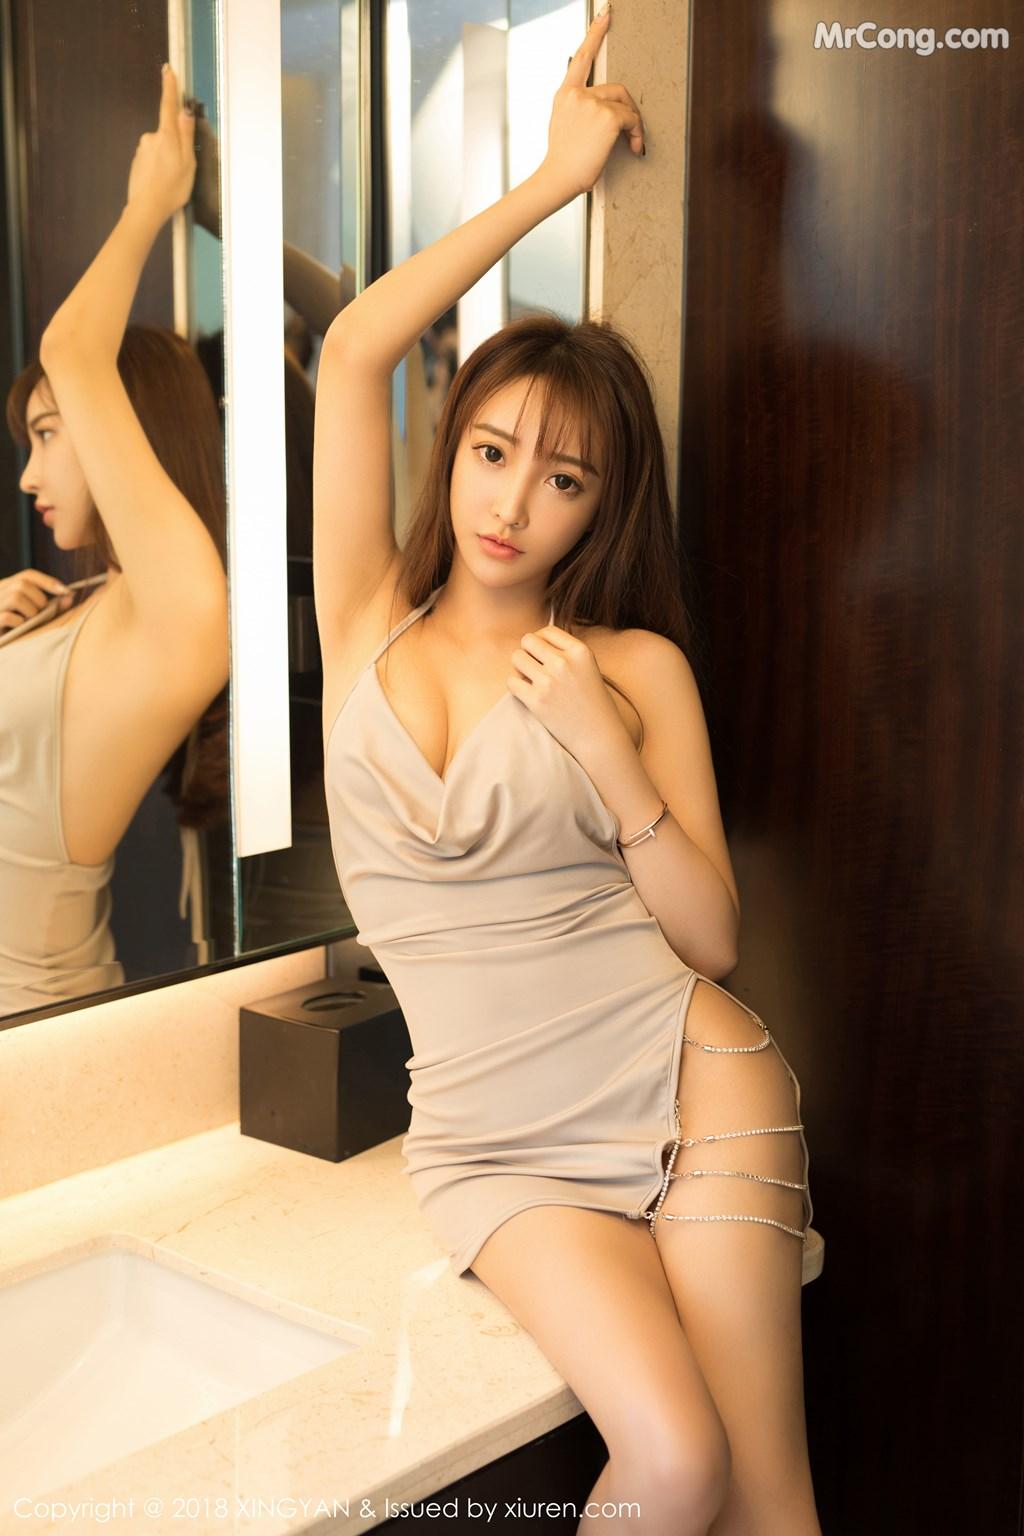 Image XingYan-Vol.090-Angel-MrCong.com-003 in post XingYan Vol.090: Người mẫu 安安Angel (41 ảnh)